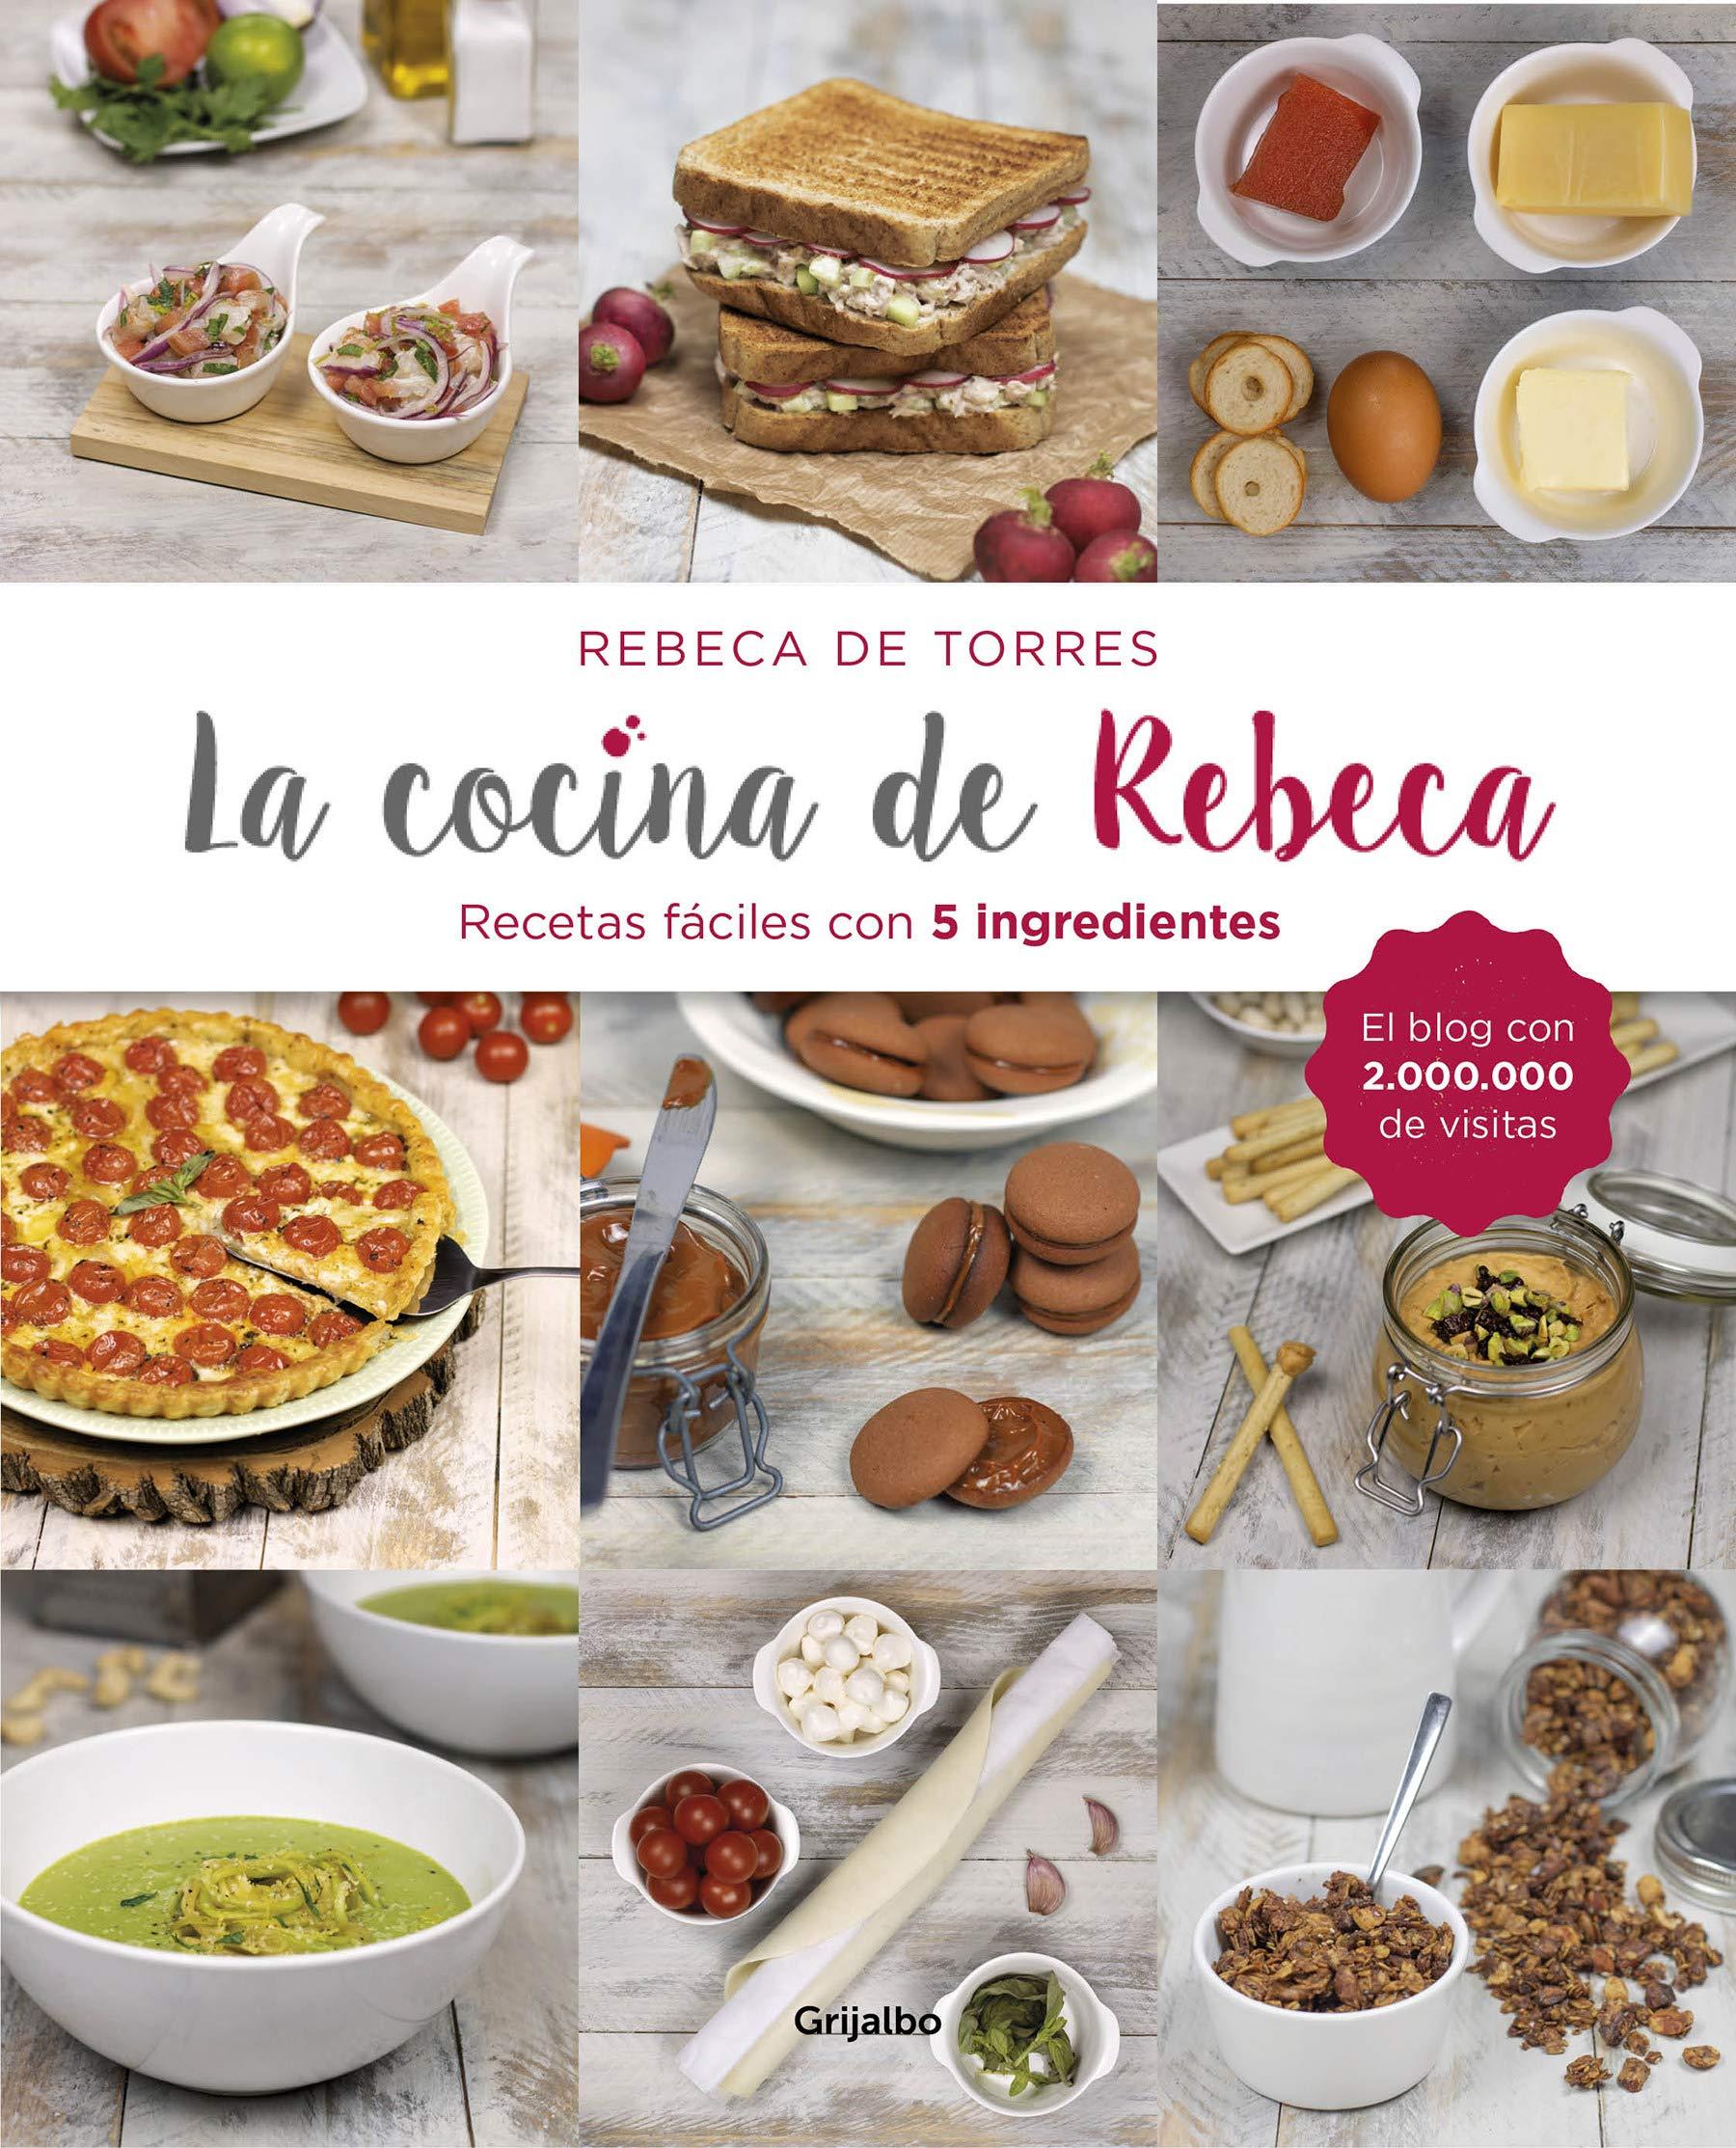 La cocina de Rebeca: Recetas fáciles con 5 ingredientes Sabores ...